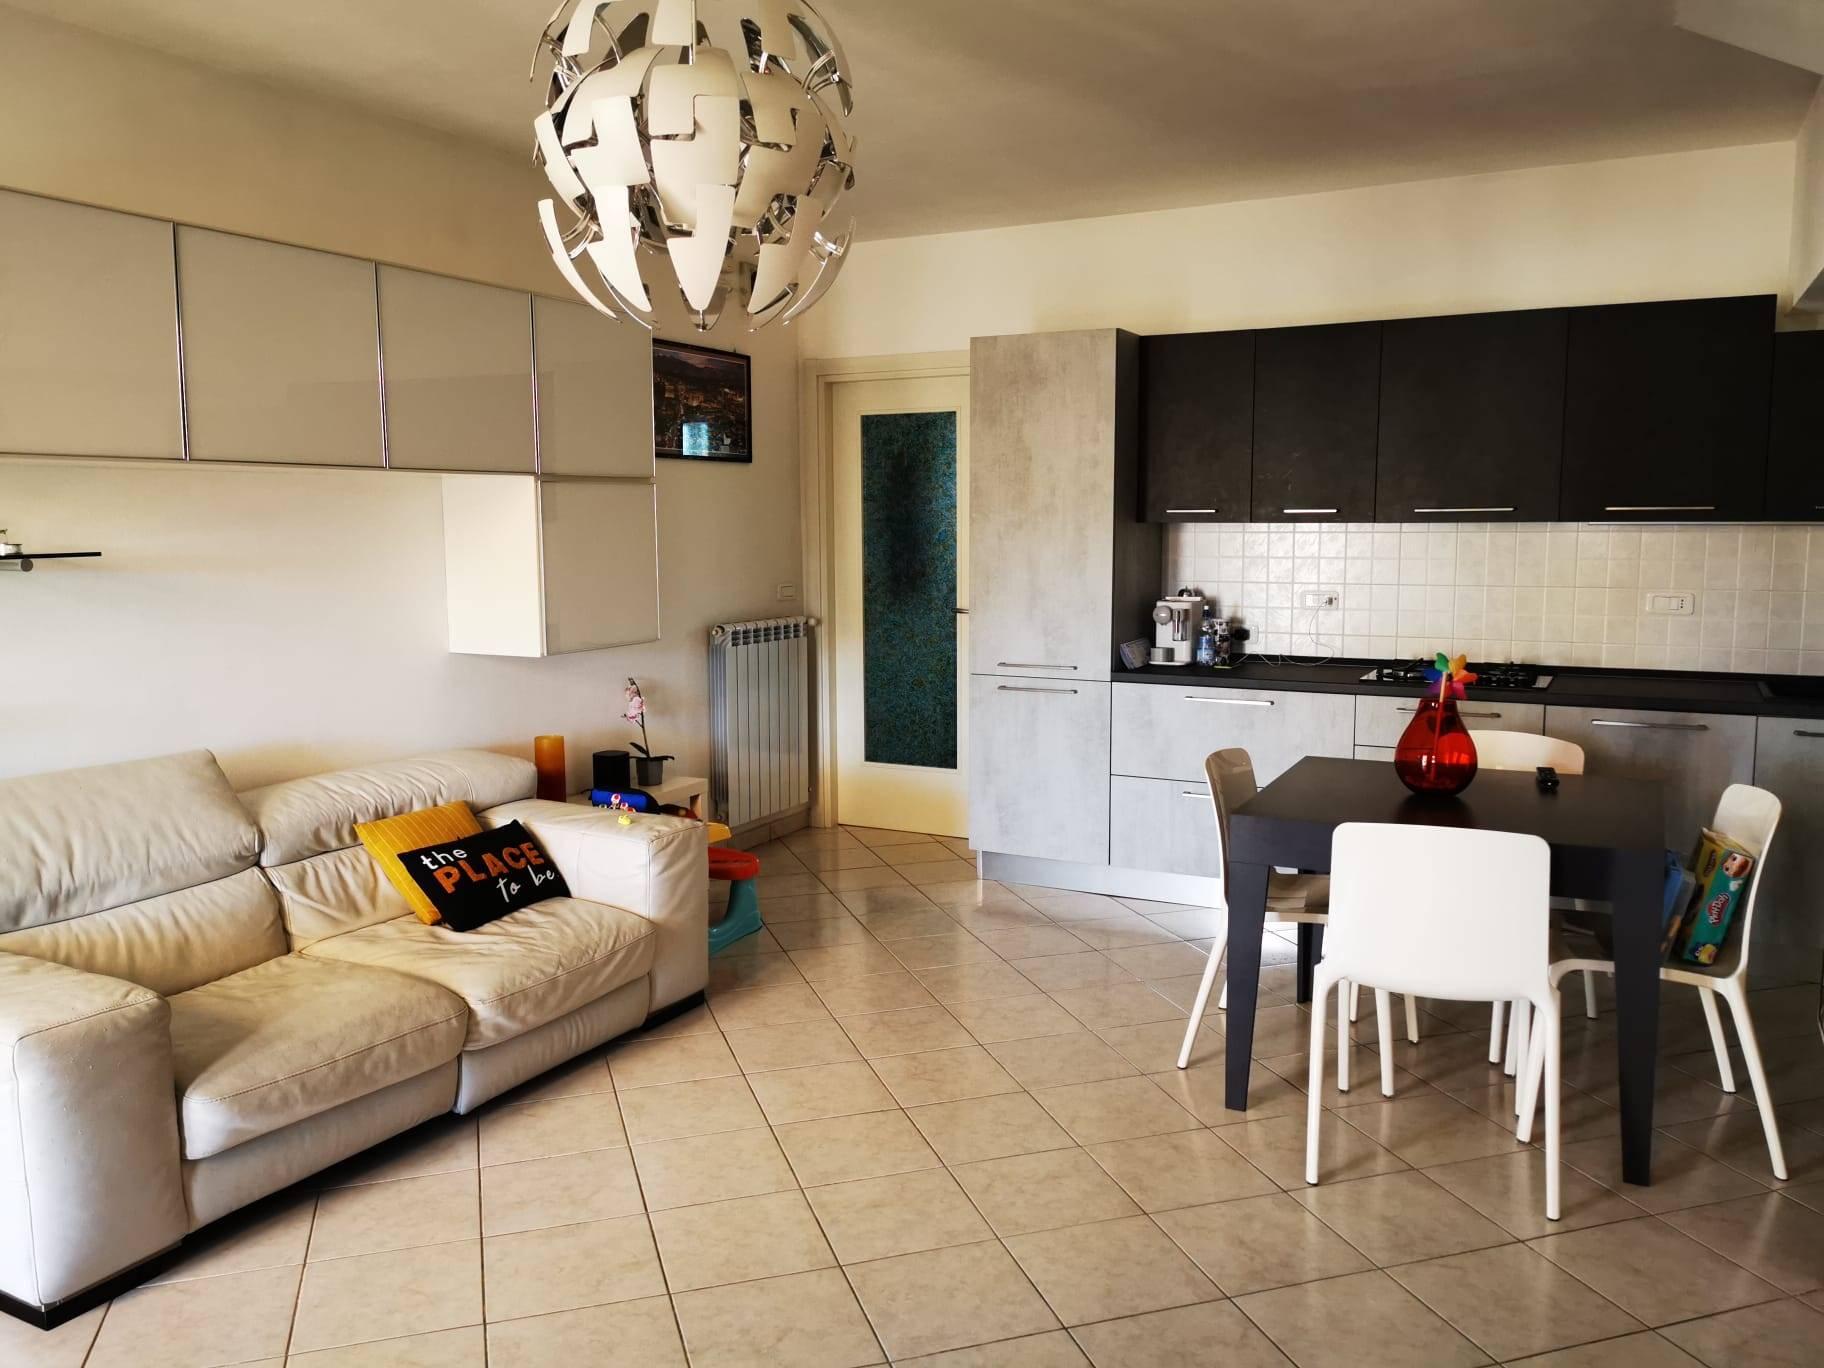 Appartamento in vendita a Follonica, 3 locali, prezzo € 270.000 | CambioCasa.it